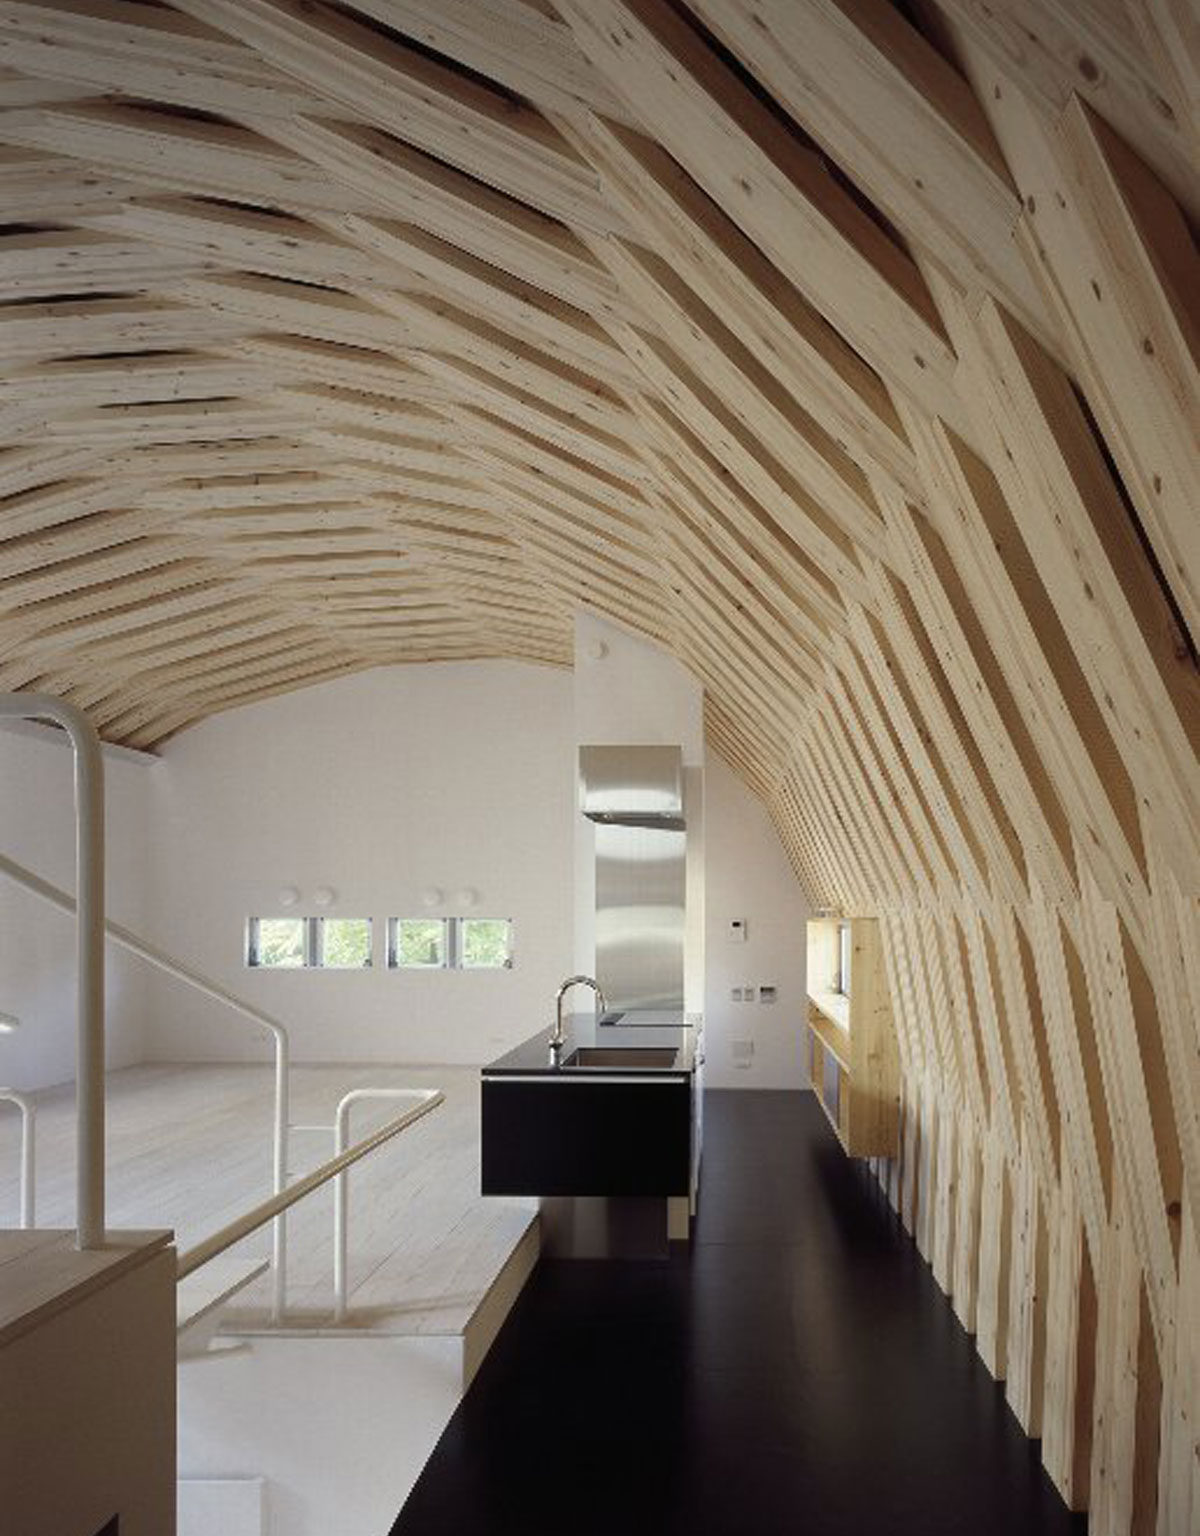 木材推進シリーズセミナーVol.2 木構造の展開と環境建築デザイン